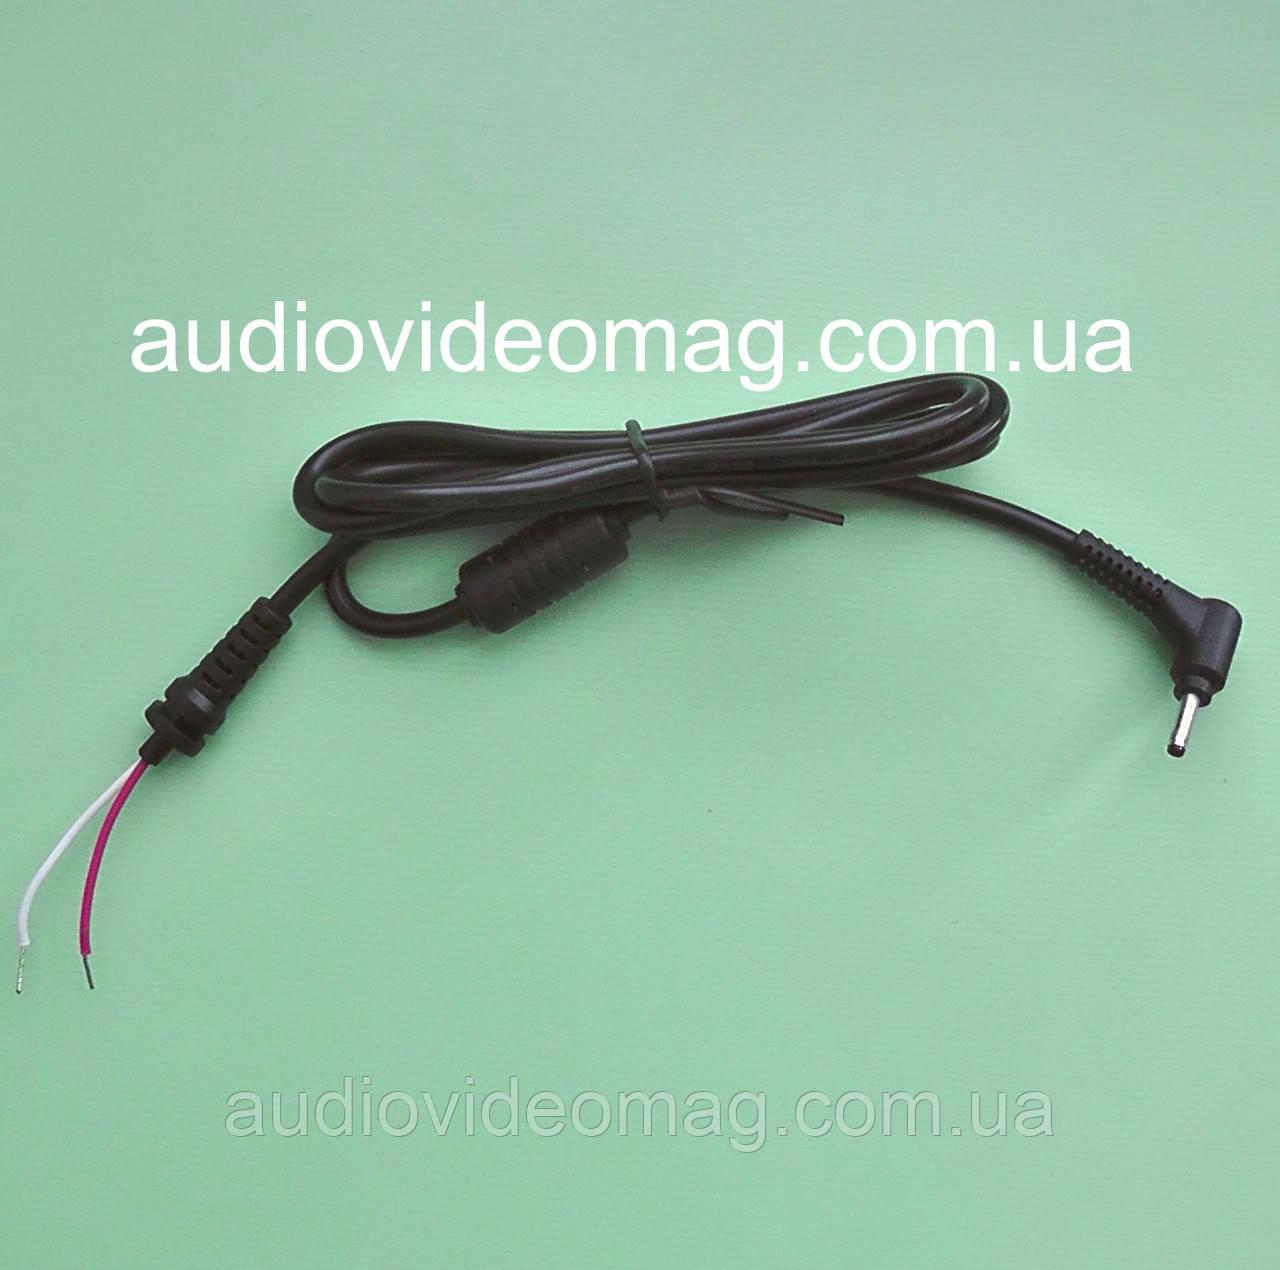 Шнур питания с штекером 3.0-1.0 для БП нетбуков Acer, Asus